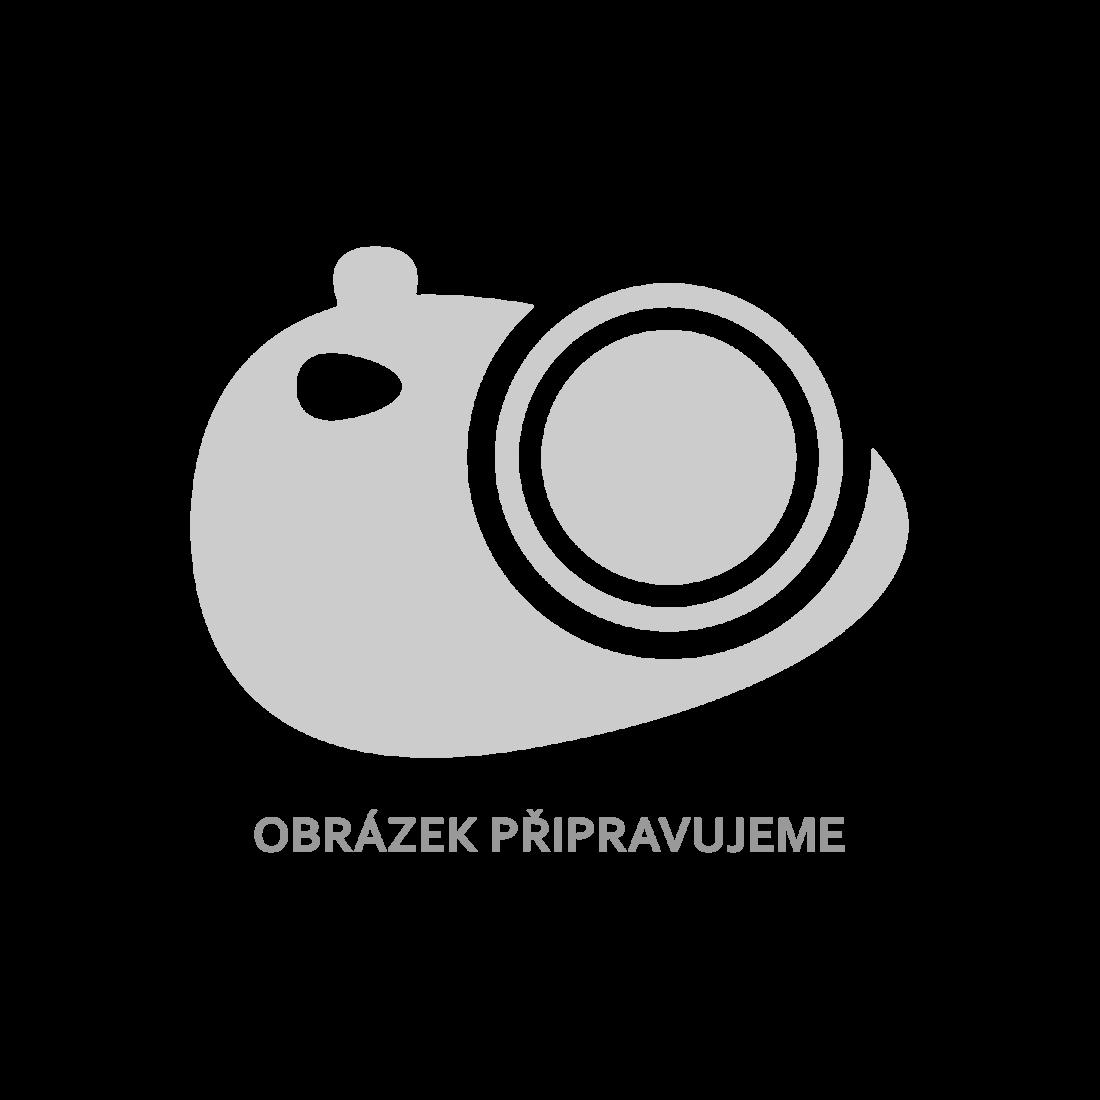 vidaXL Barové stoličky 2 ks oranžové umělá kůže [323213]